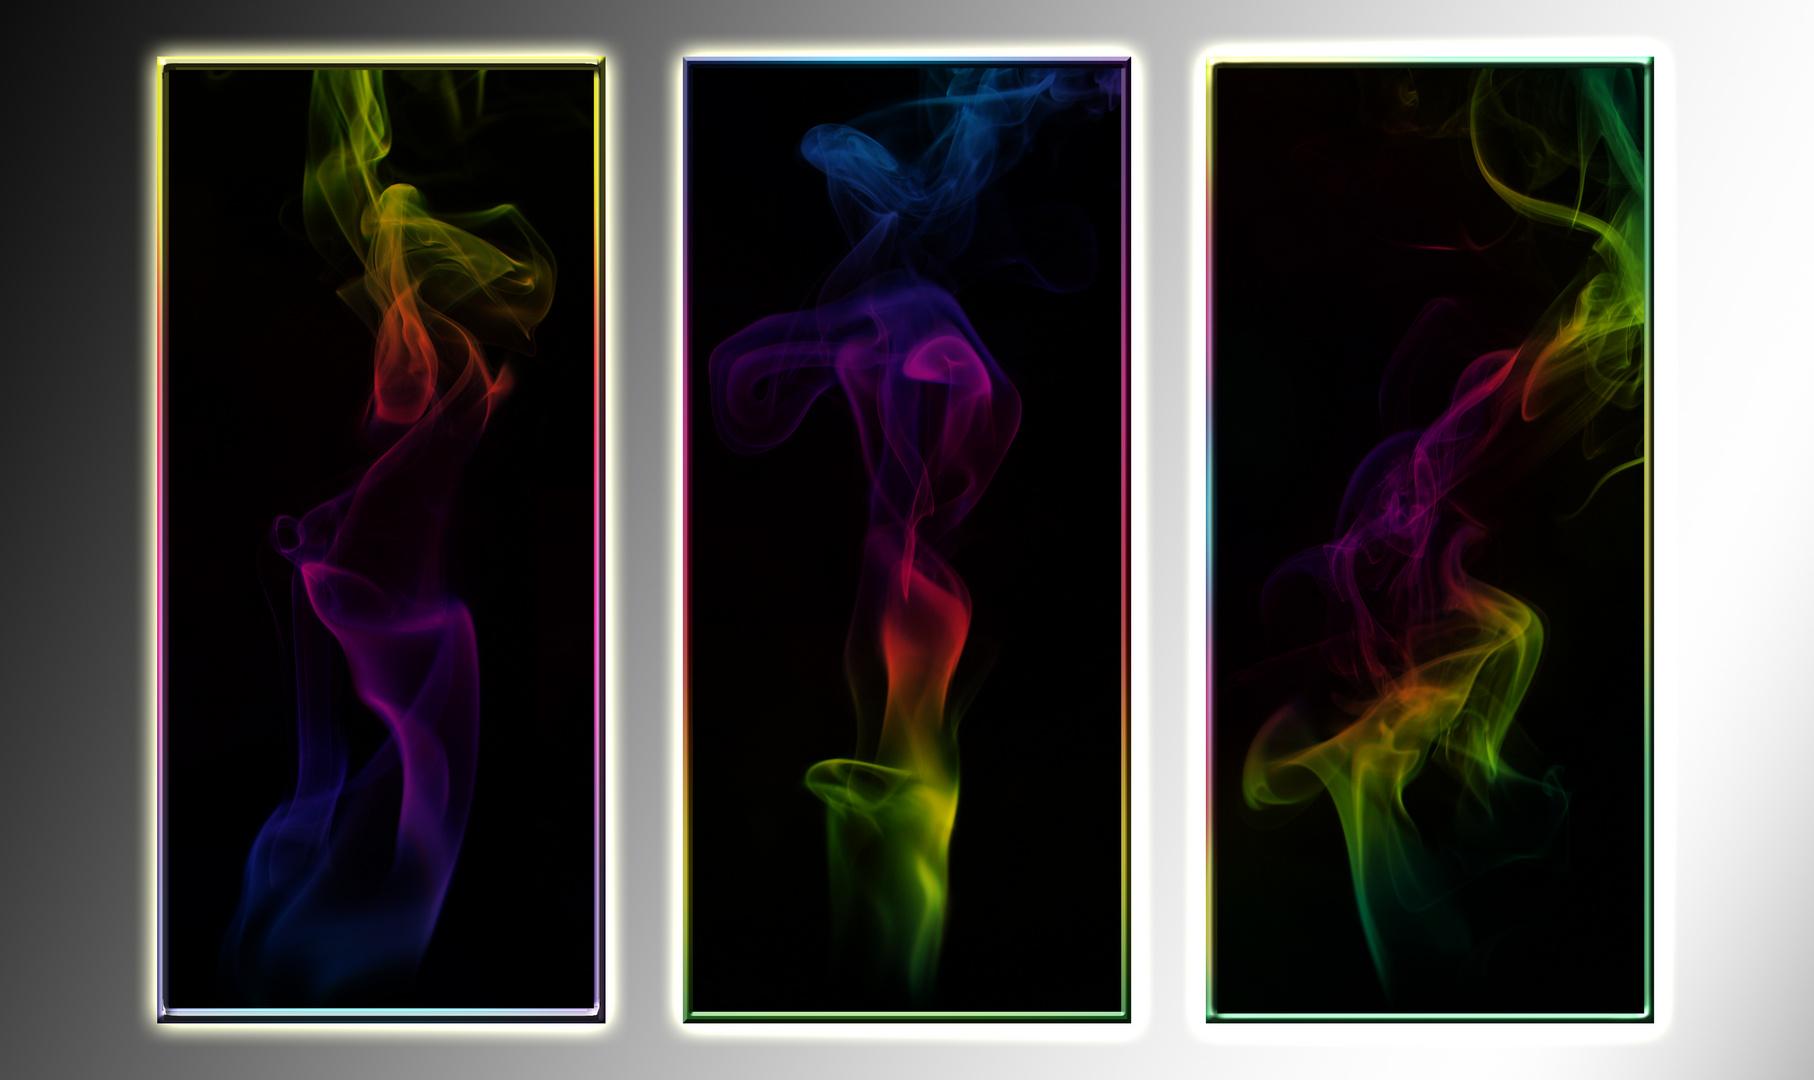 Rauch-so verschieden wie ein Fingerabdruck